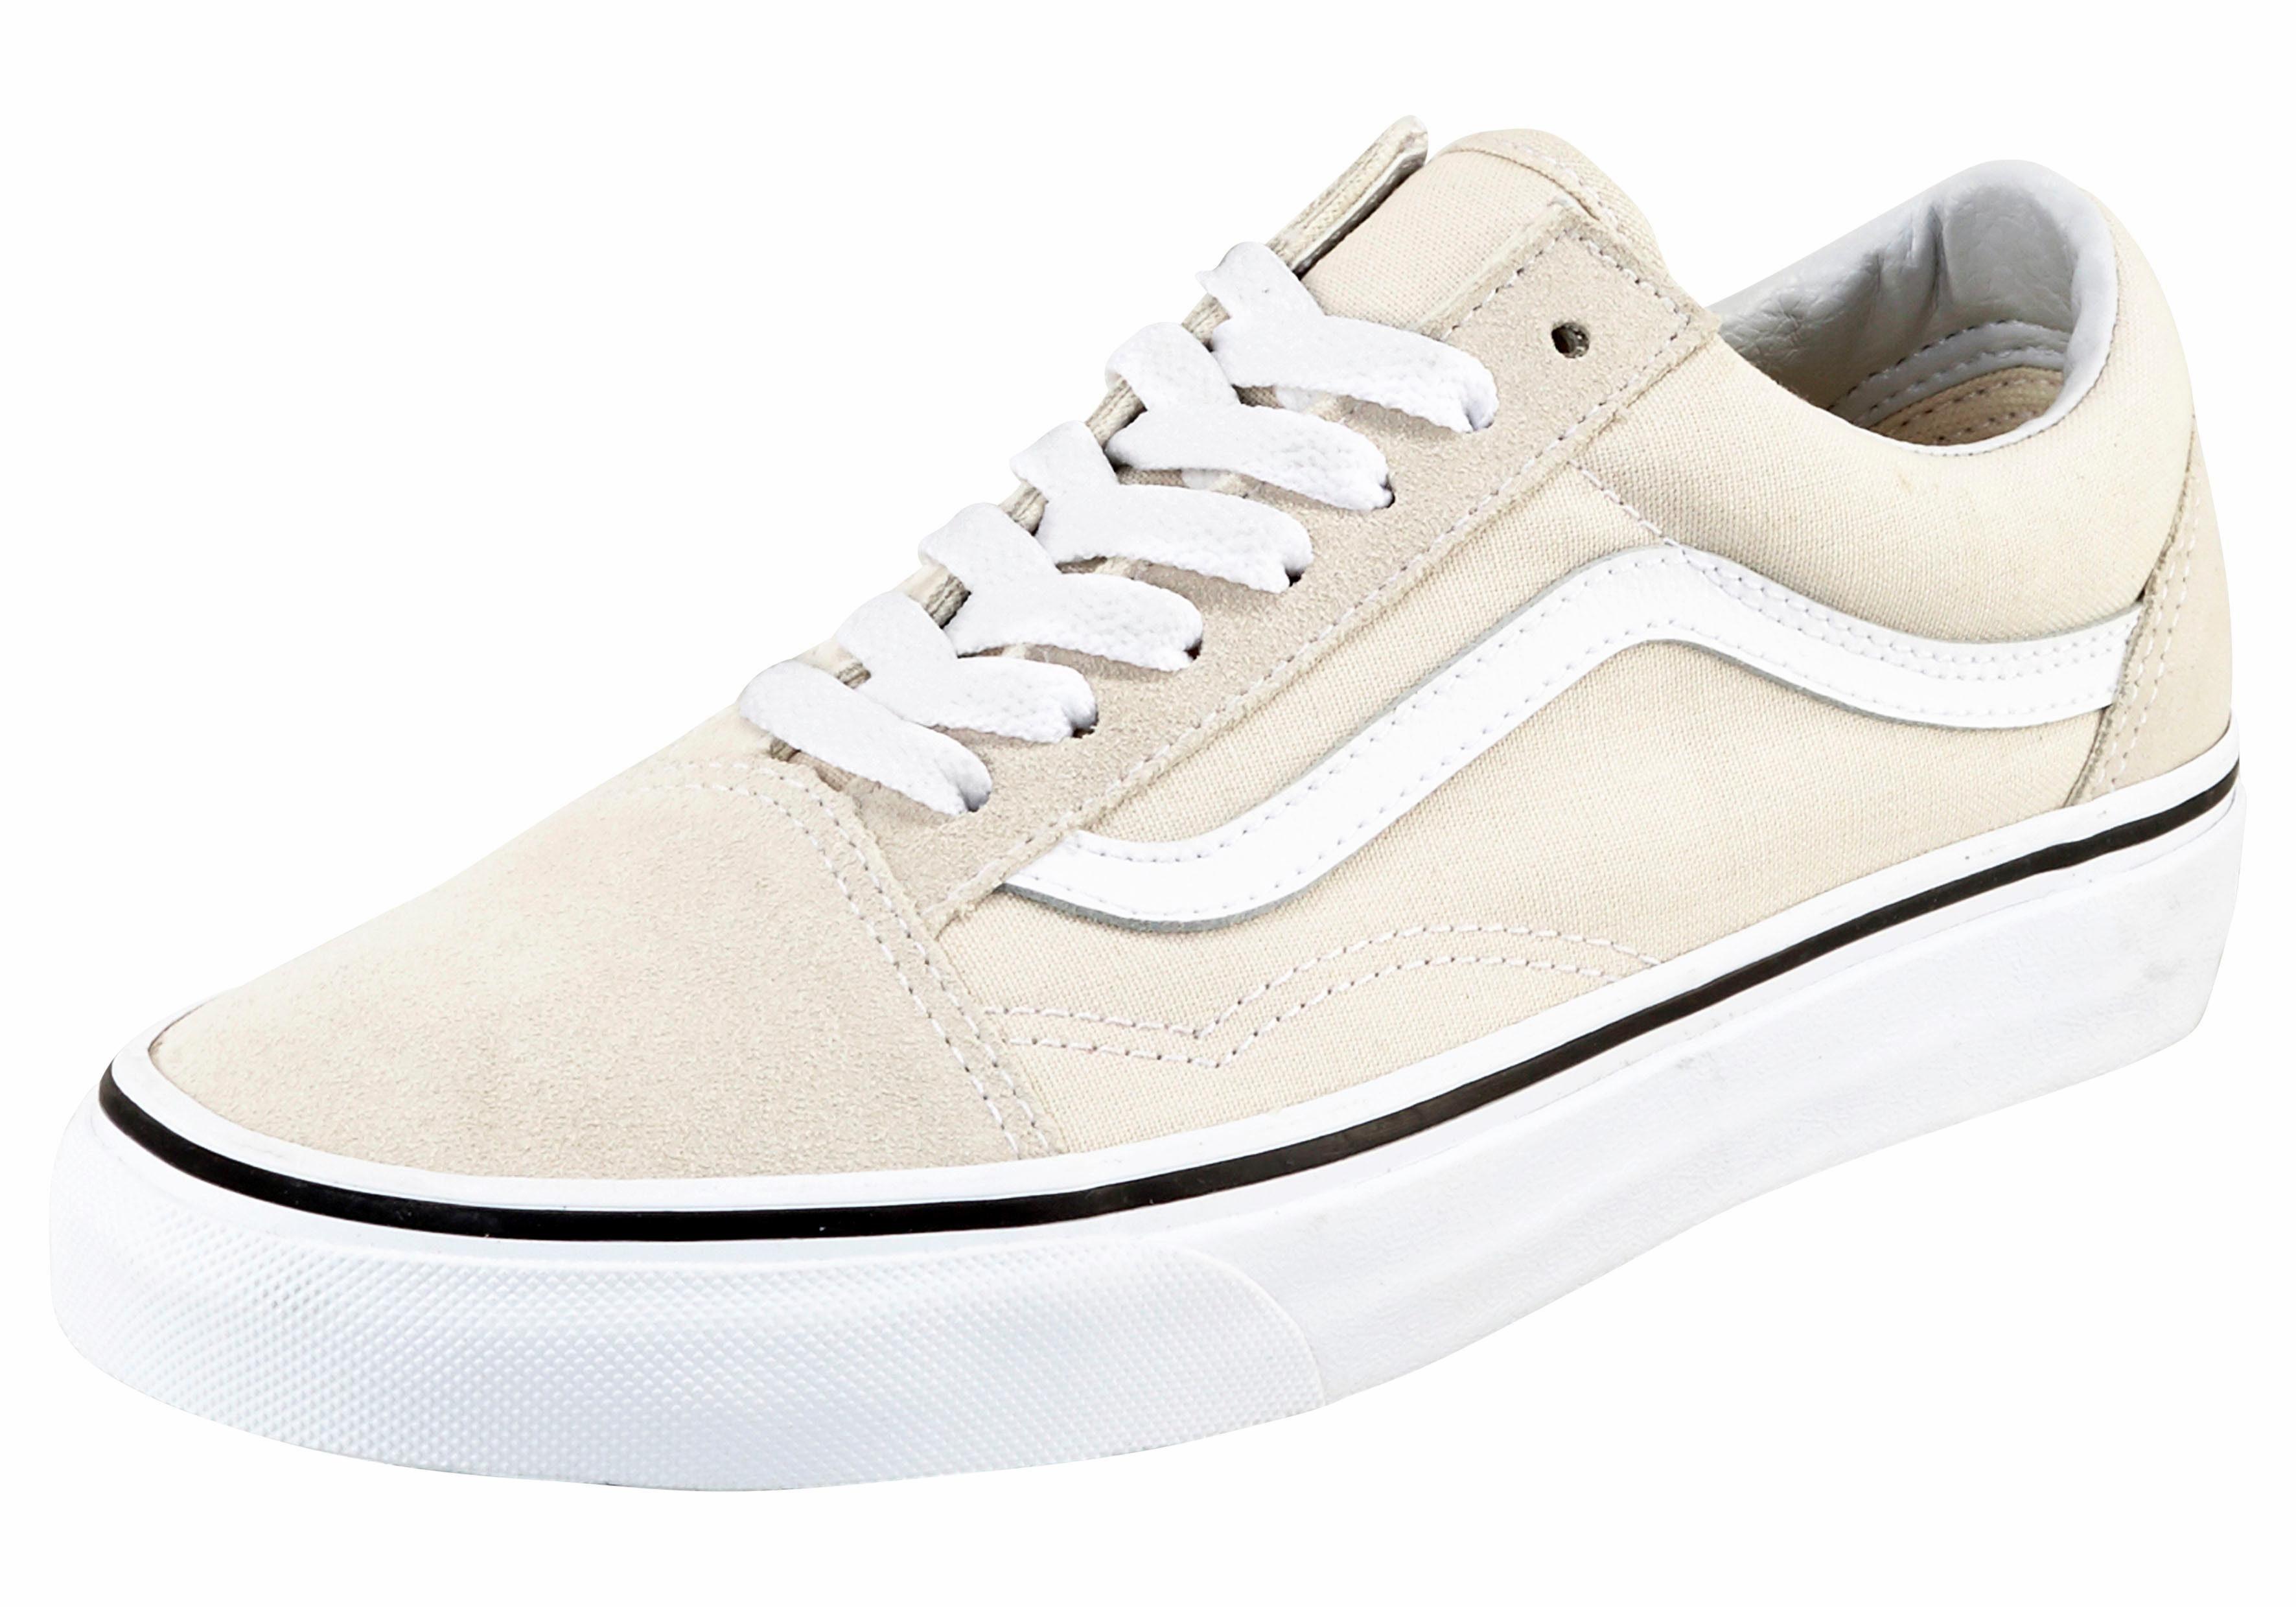 Vans Old Skool W Sneaker online kaufen  beige